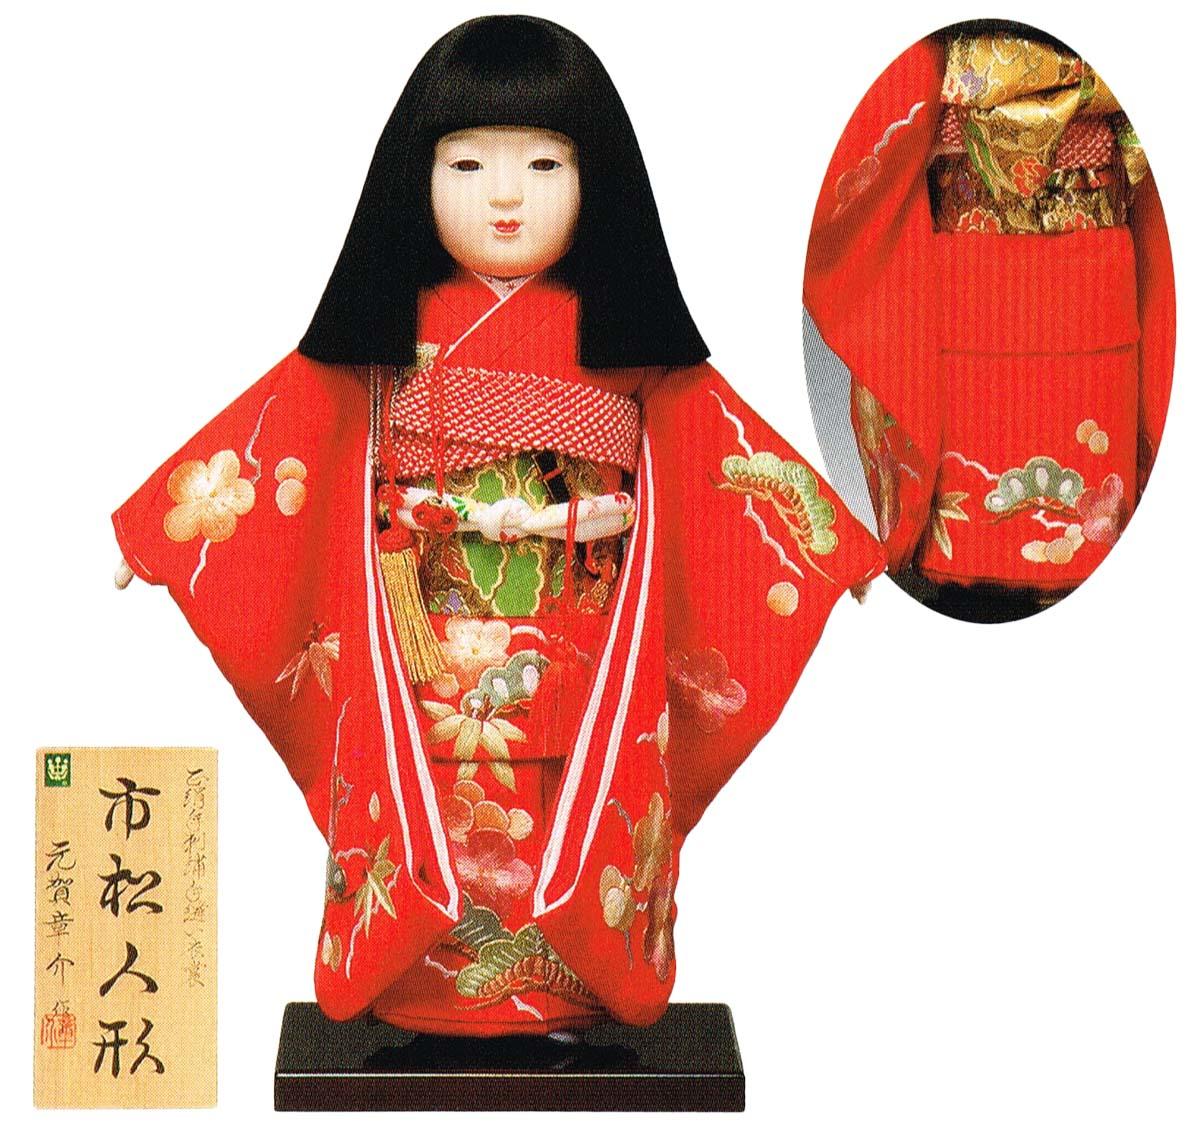 送料無料 平安豊久監製 元賀章介作 市松人形 12号 正絹手刺繍 松竹梅 赤 〈平安豊久 いちまつにんぎょう いちまさん 日本人形 和人形 和服衣装着人形 伝統人形 衣裳着人形 衣装着人形 着物人形 女の子のお人形 おにんぎょう 伝統工芸品 通販〉